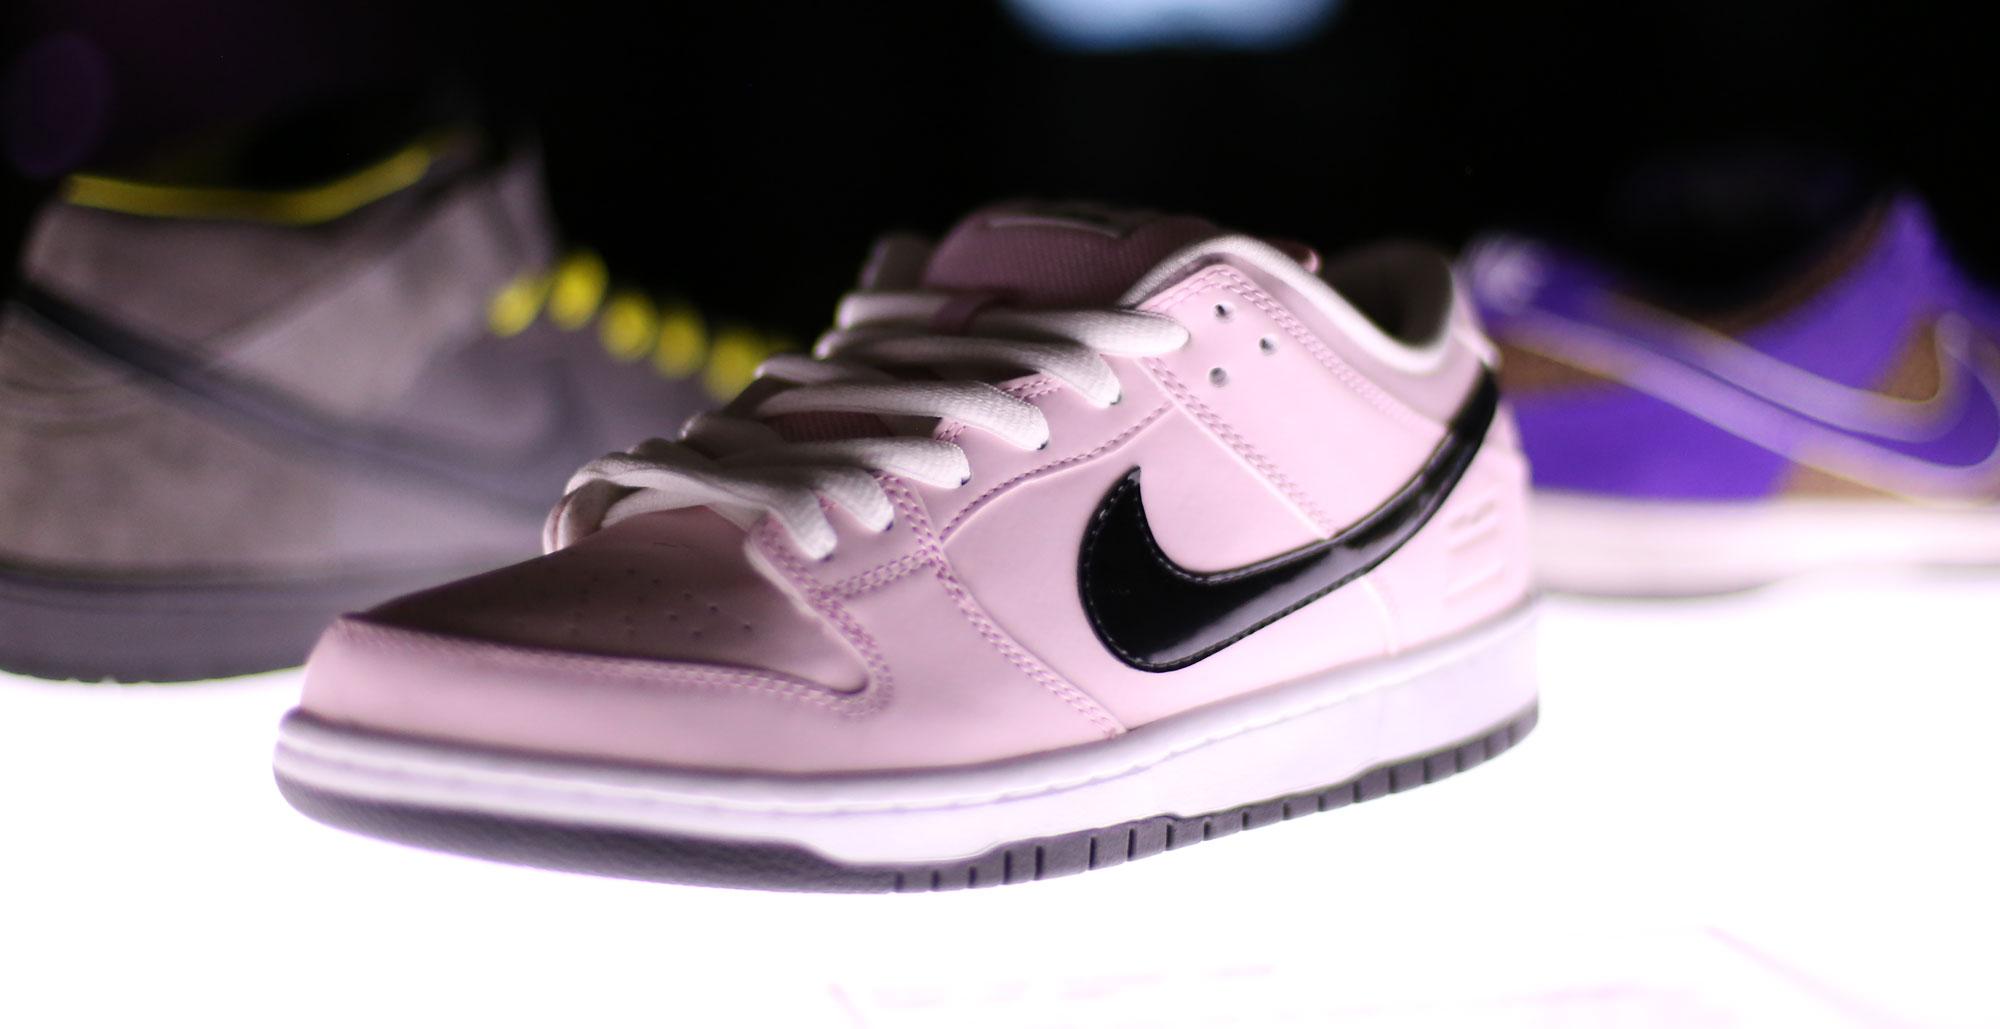 NikeDunk_13